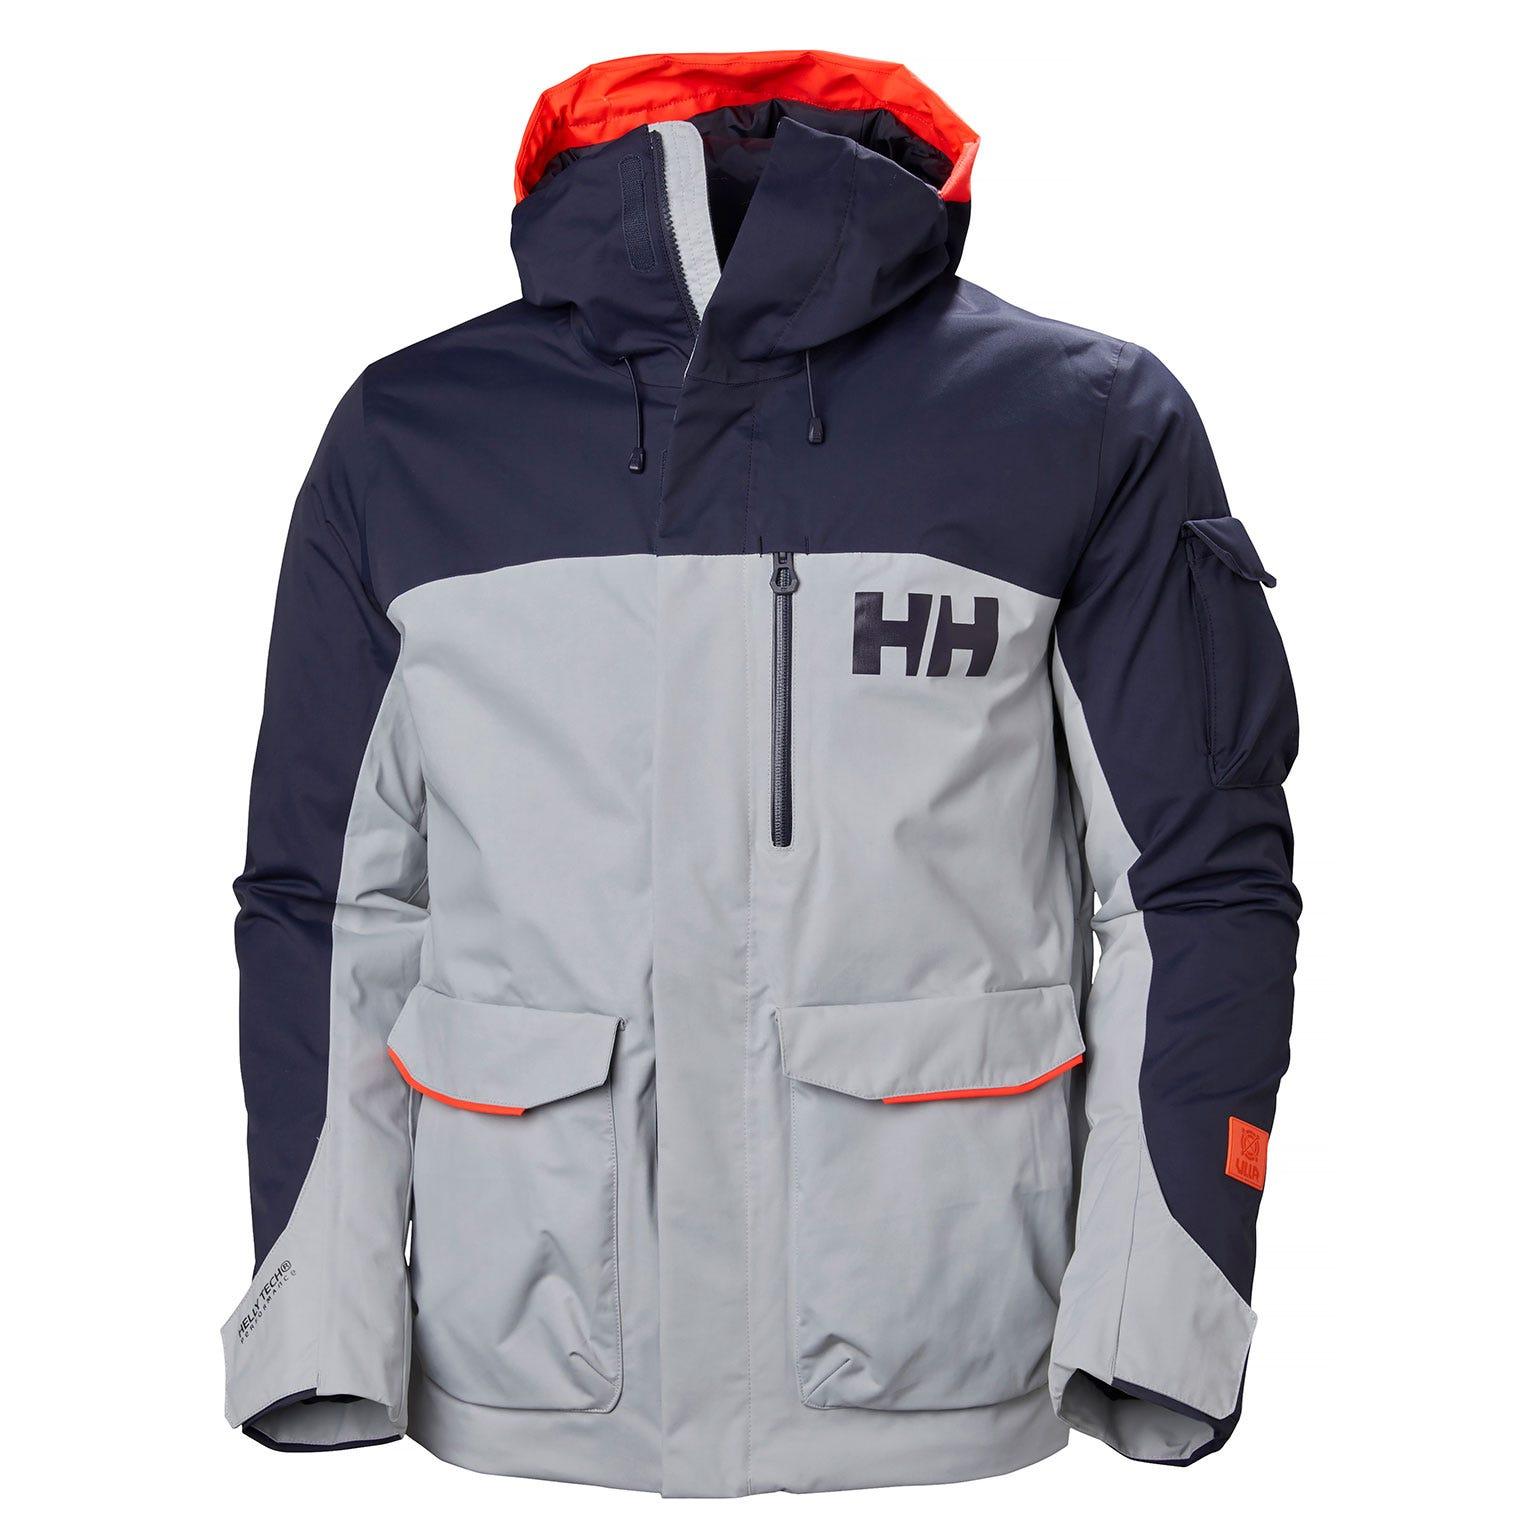 Helly Hansen Fernie 2.0 Jacket Mens Ski White M